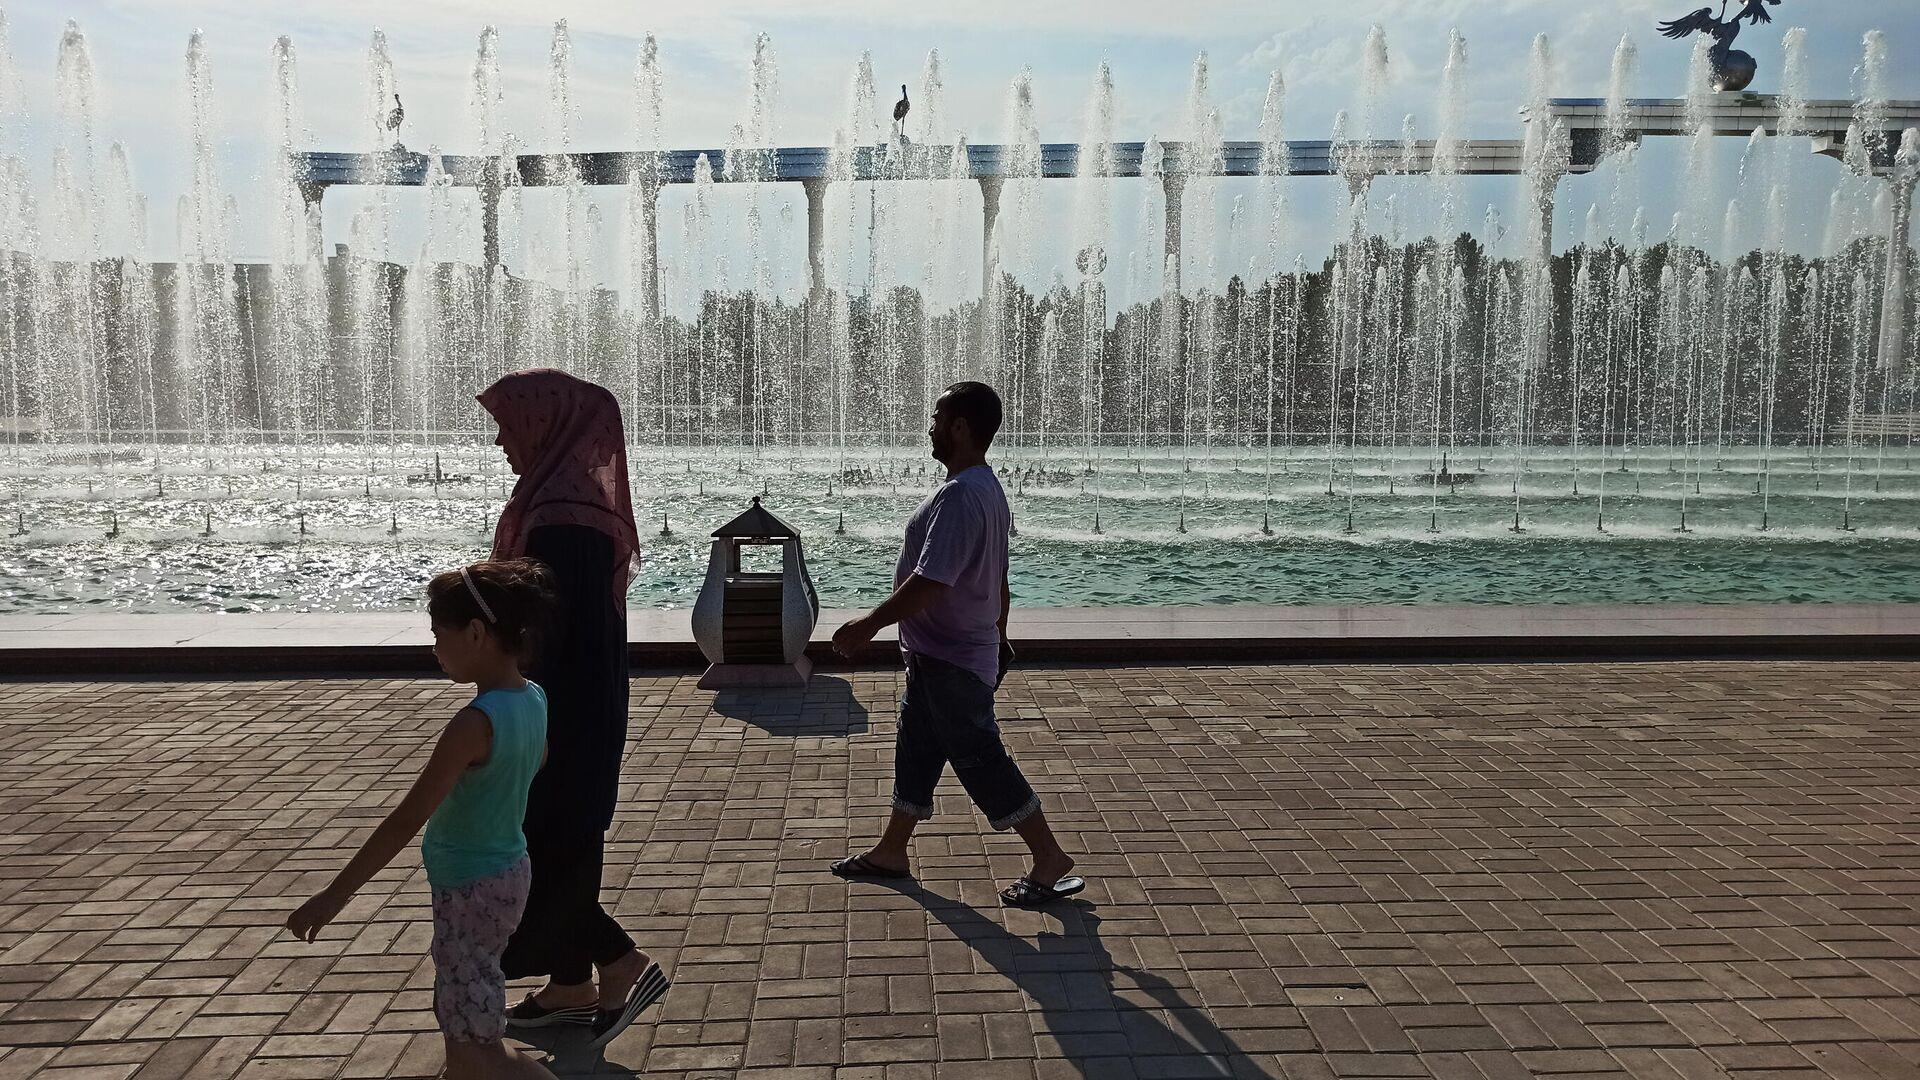 Семья освежается от прохлады фонтана - Sputnik Узбекистан, 1920, 13.10.2021